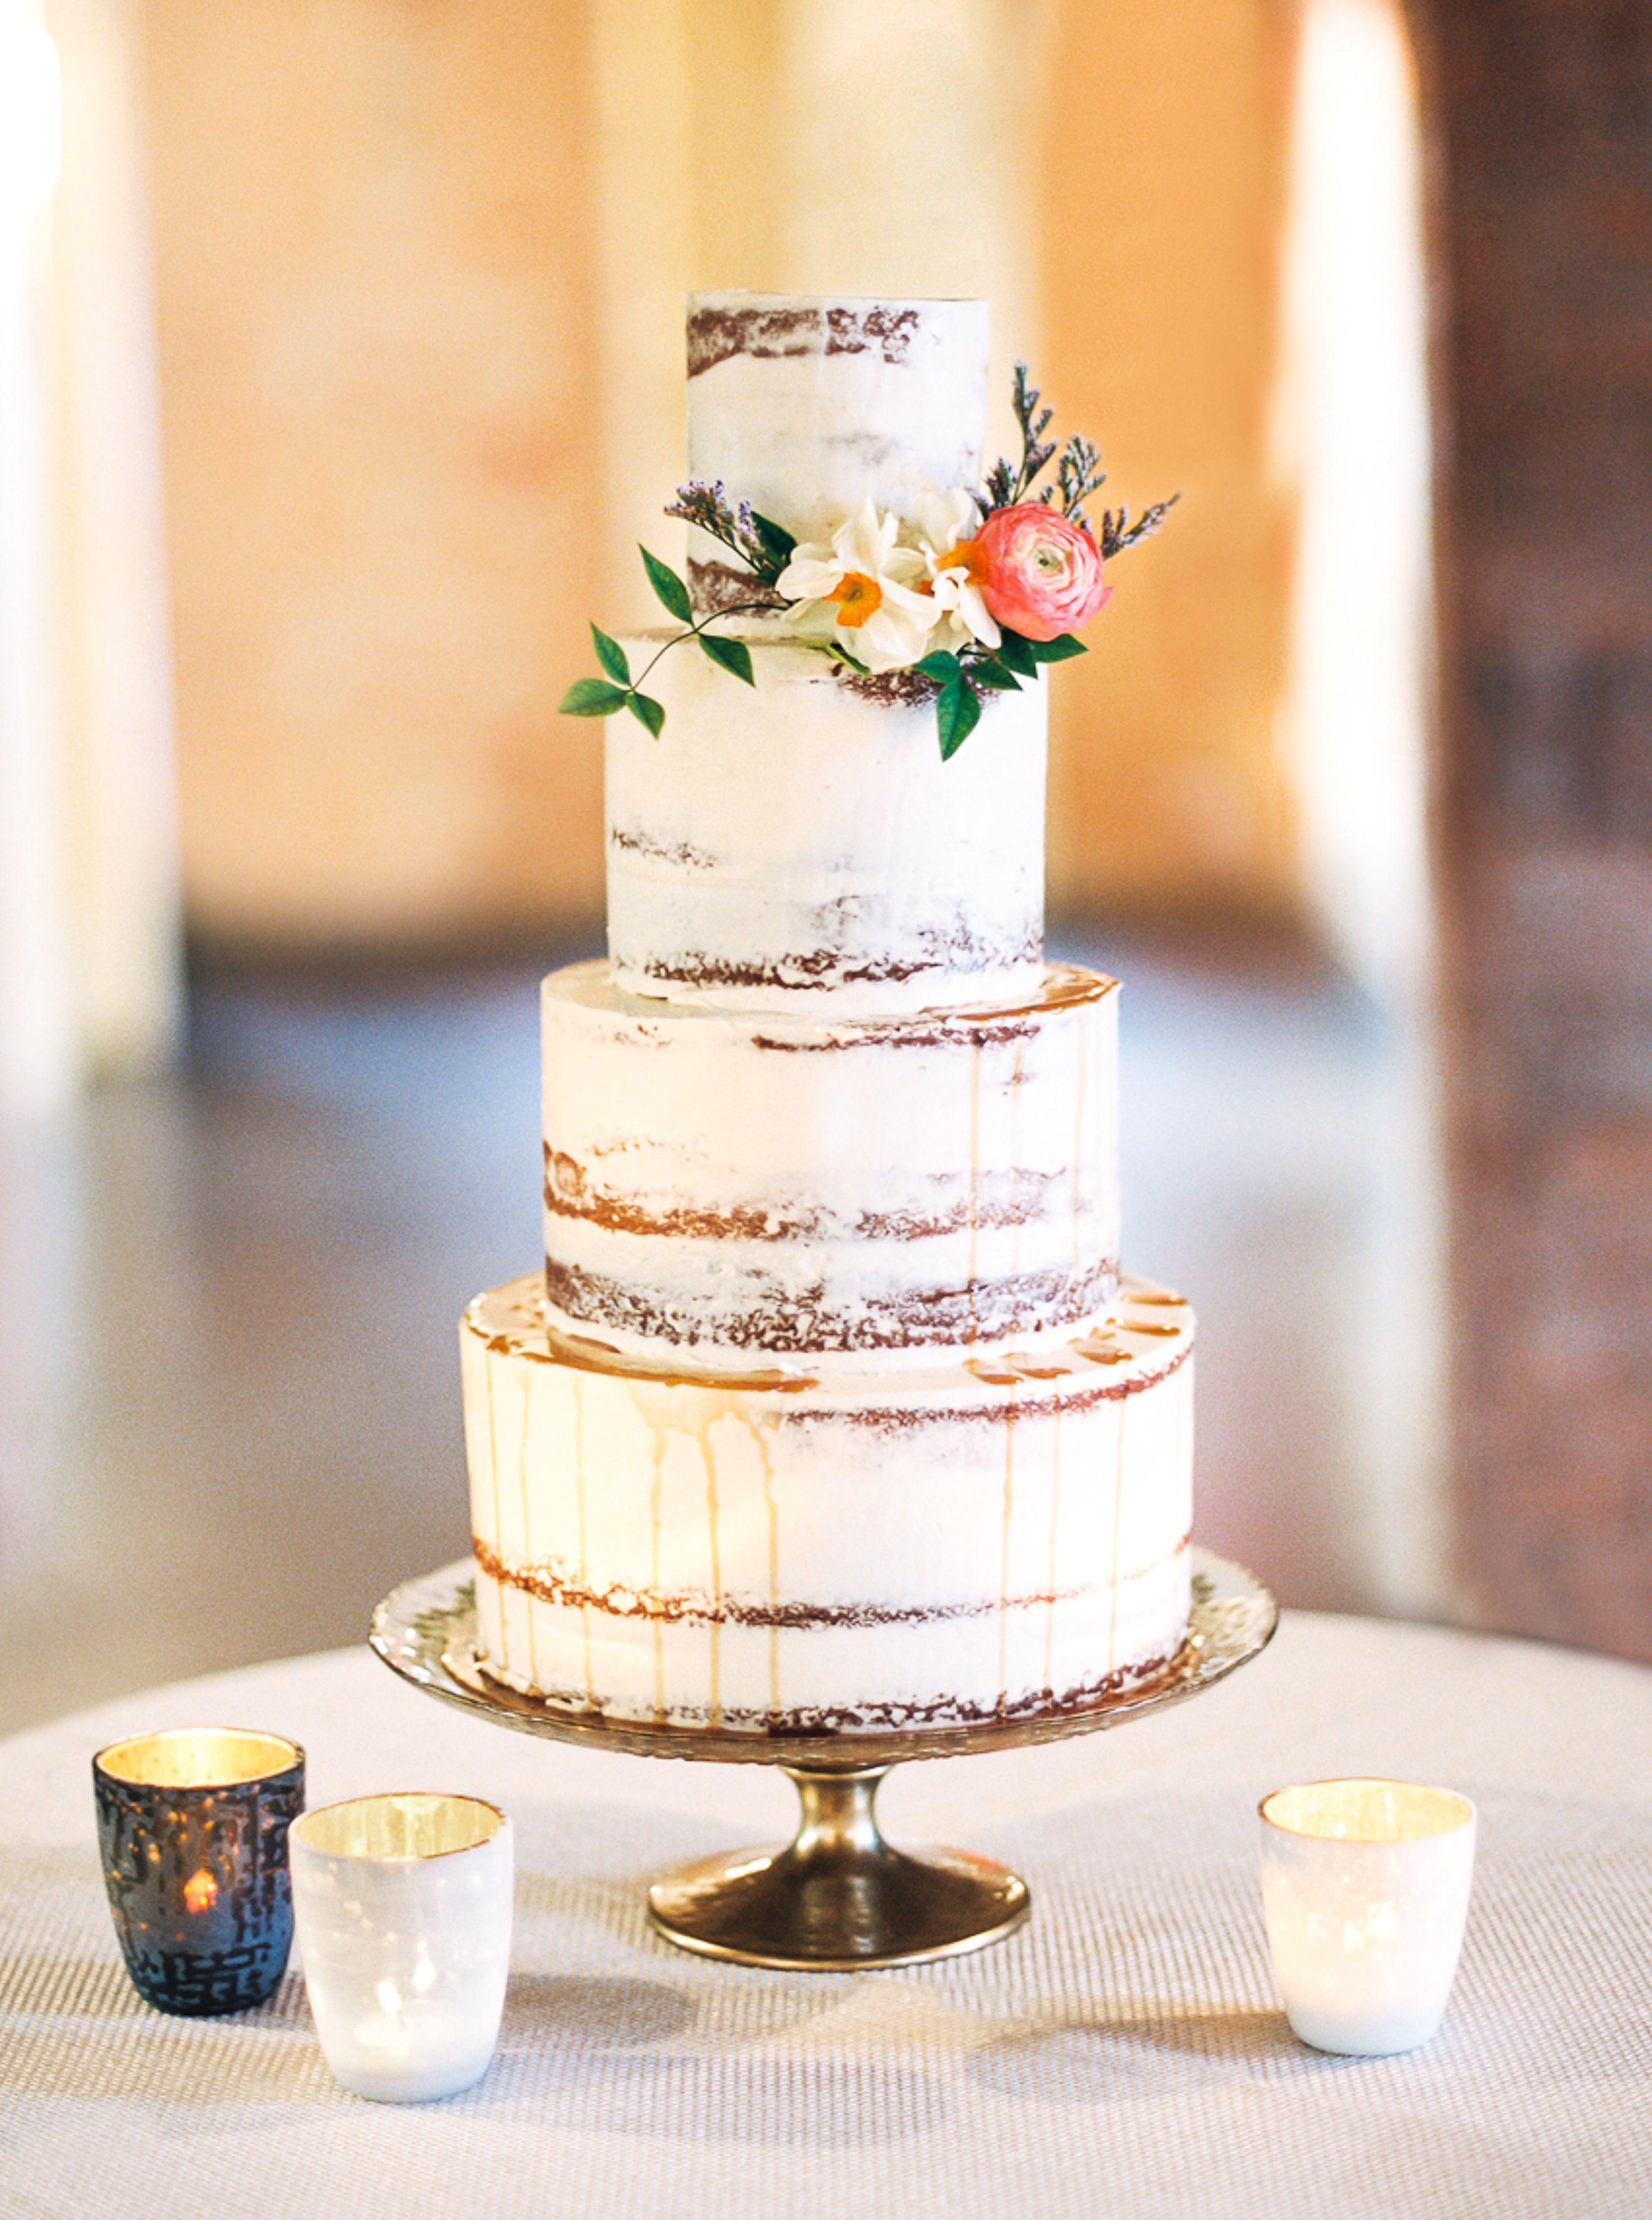 A Delicious Wedding Cake